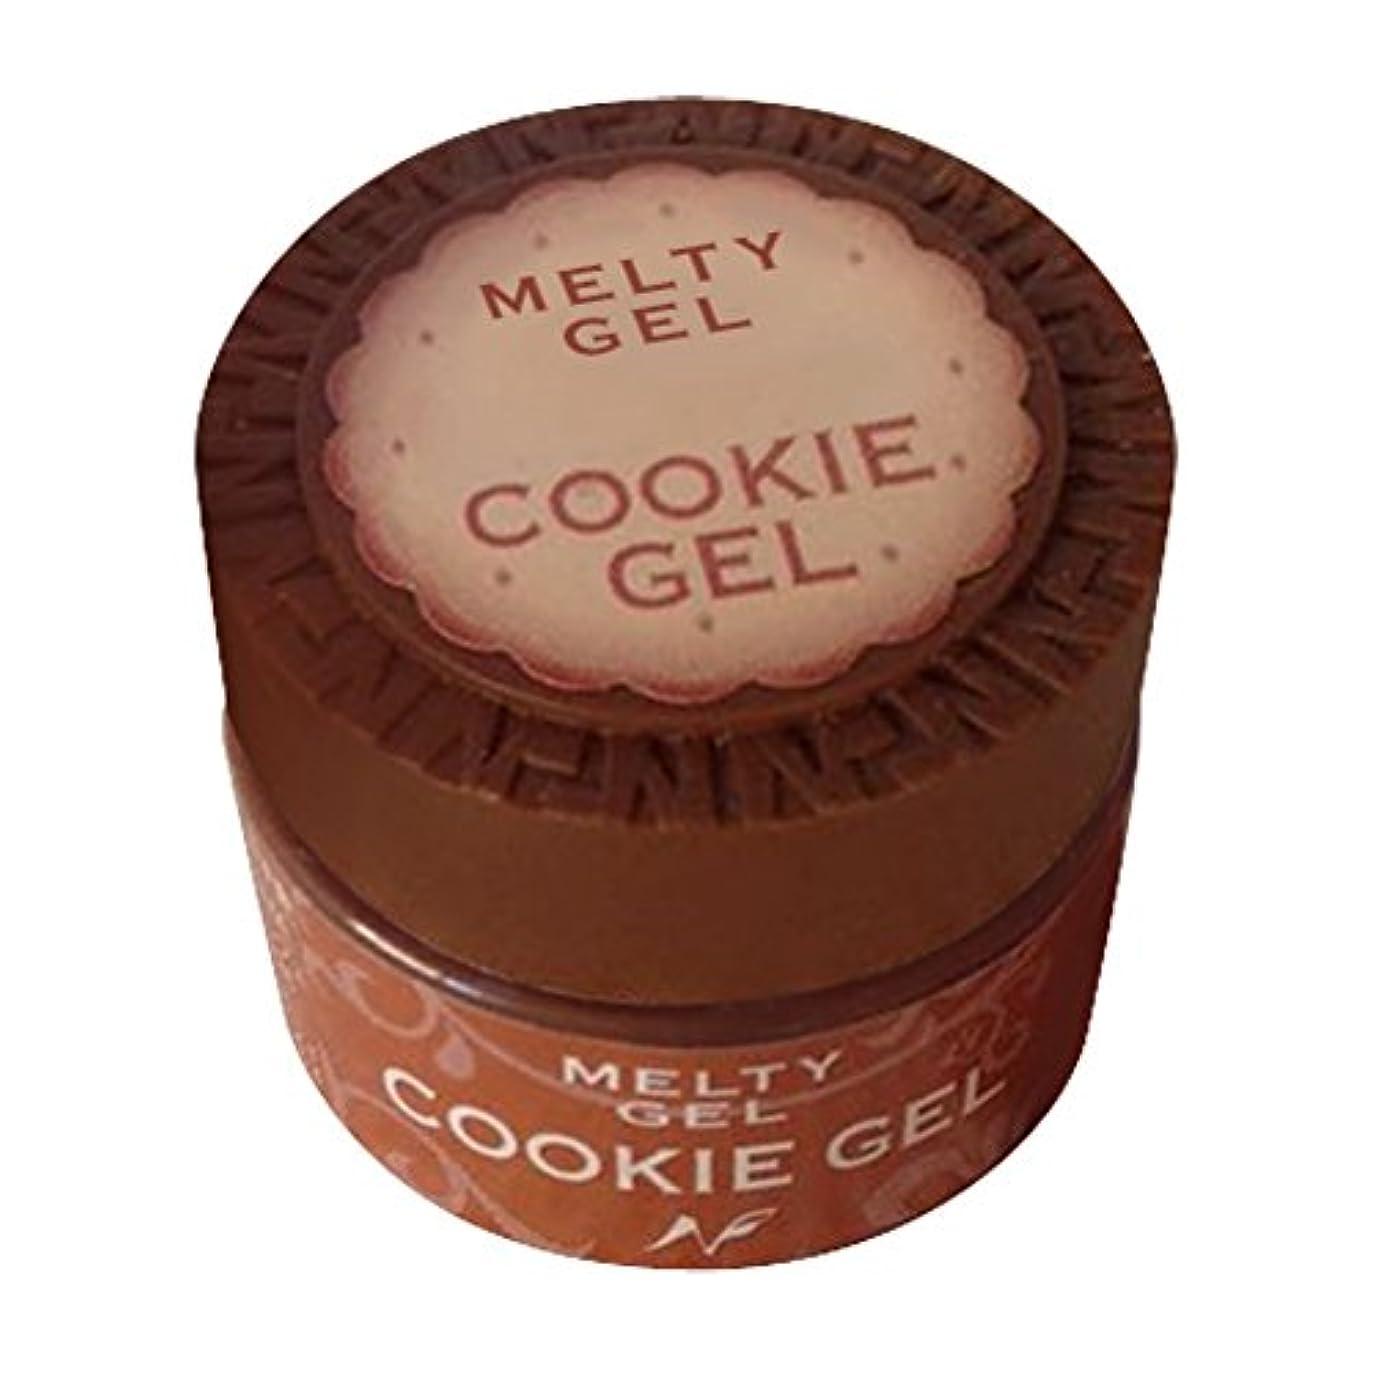 湿ったあまりにも想像力Natural Field Melty Gel クッキージェル 3903サンセットレッド 5g